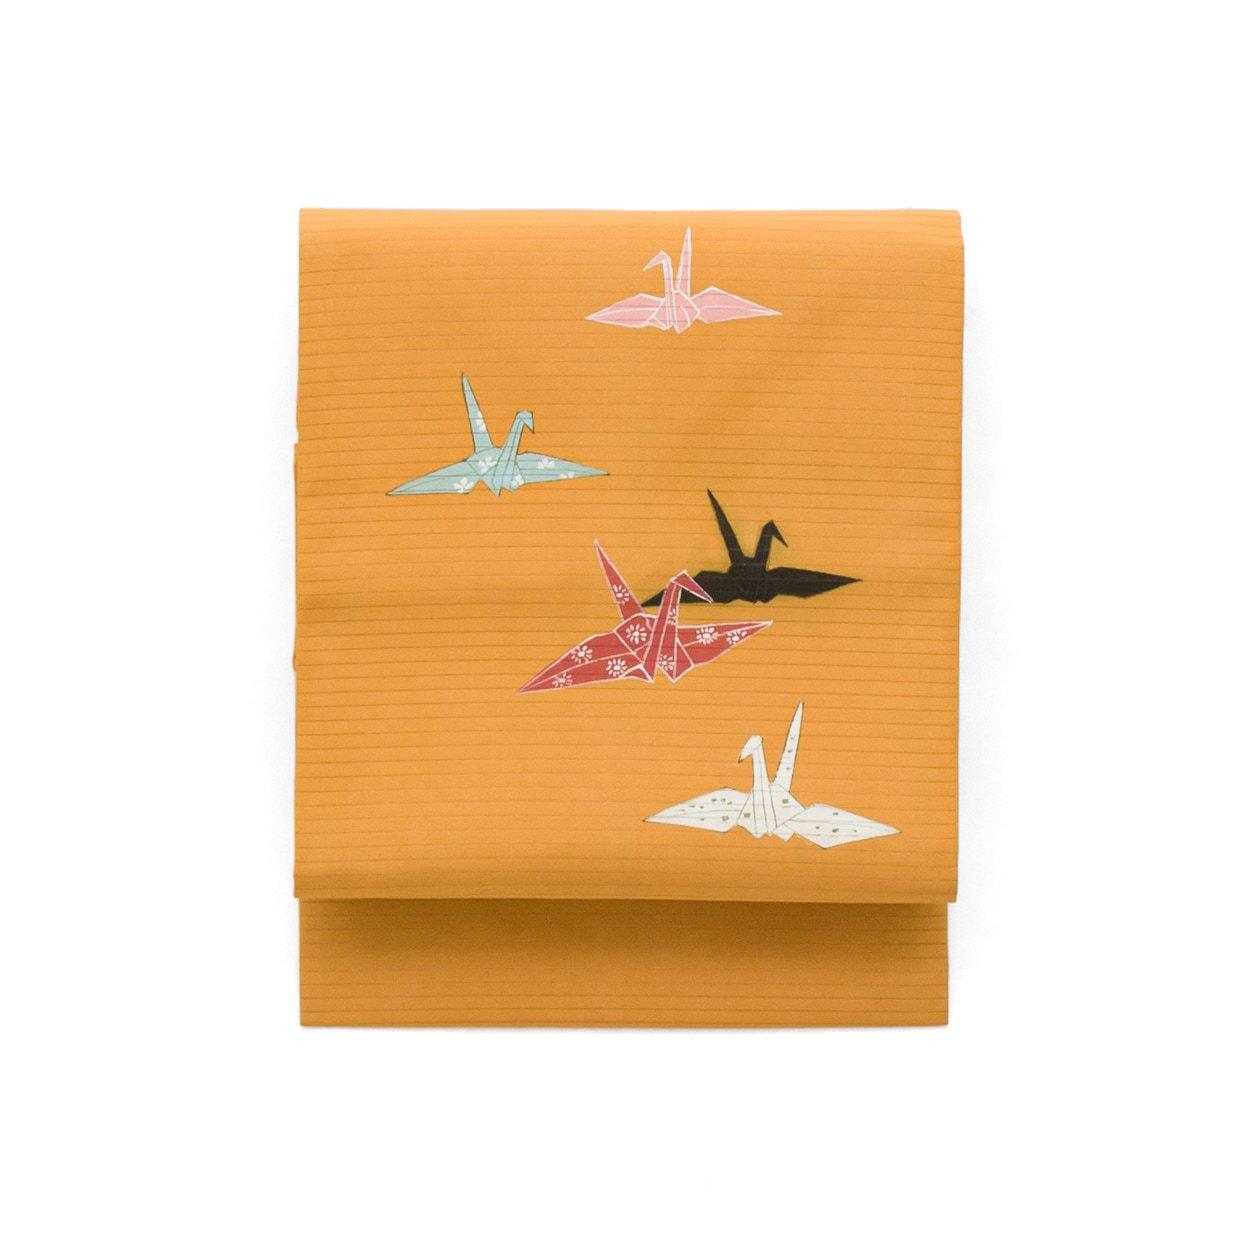 「夏帯 絽 折り鶴」の商品画像